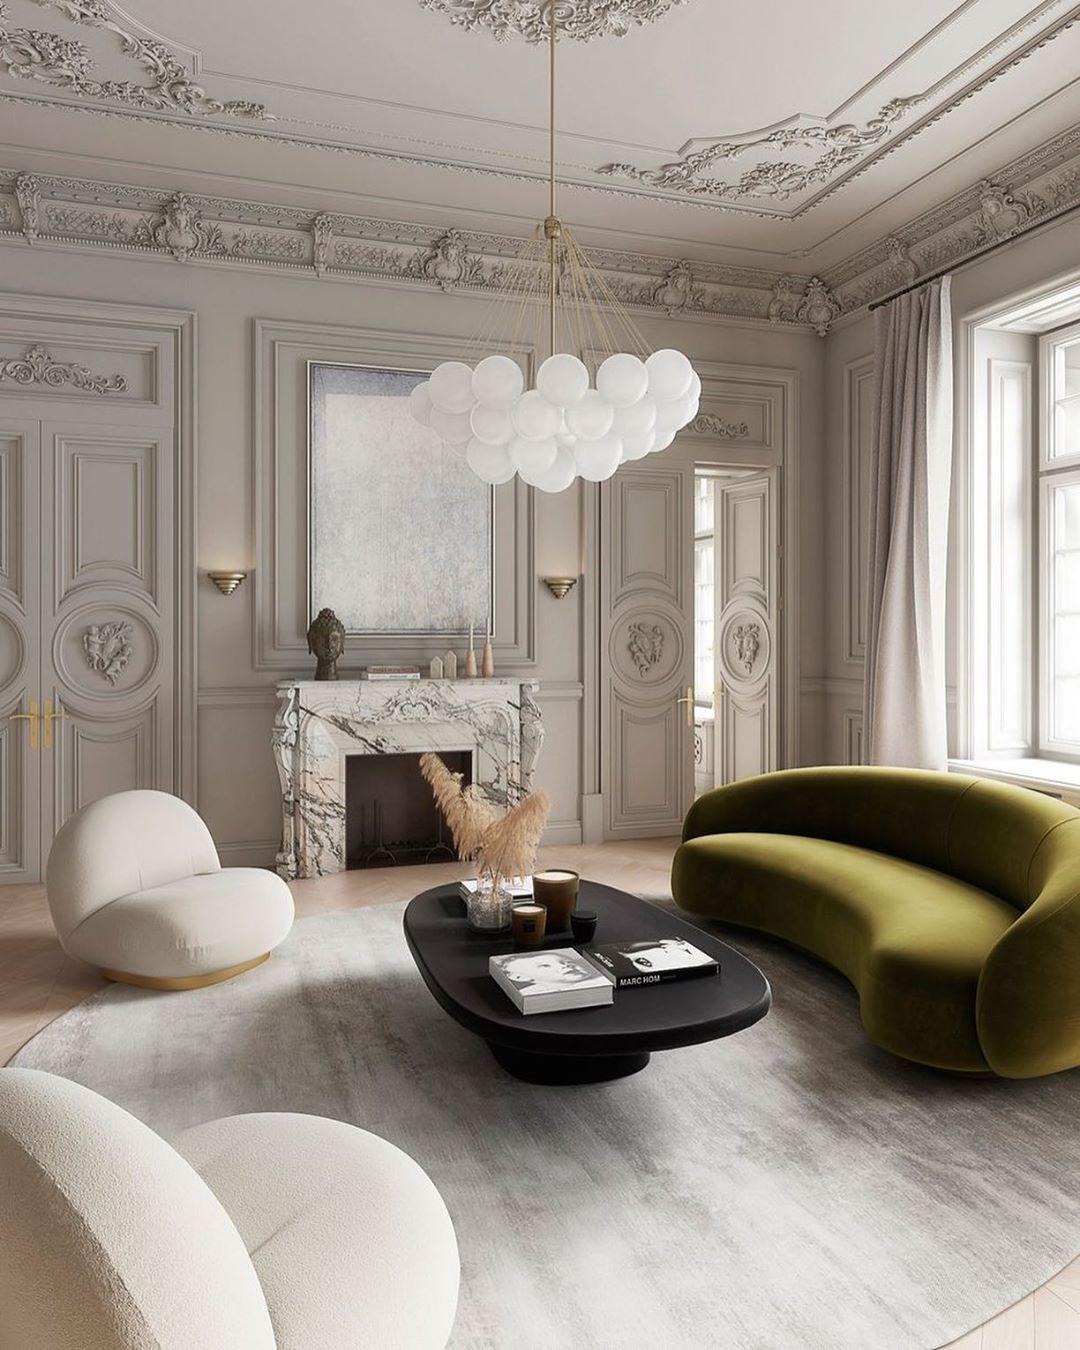 Pin By M A R G O T D U B E S S E On I N T E R I O R S Contemporary Interior Design Home Interior Design Interior Design